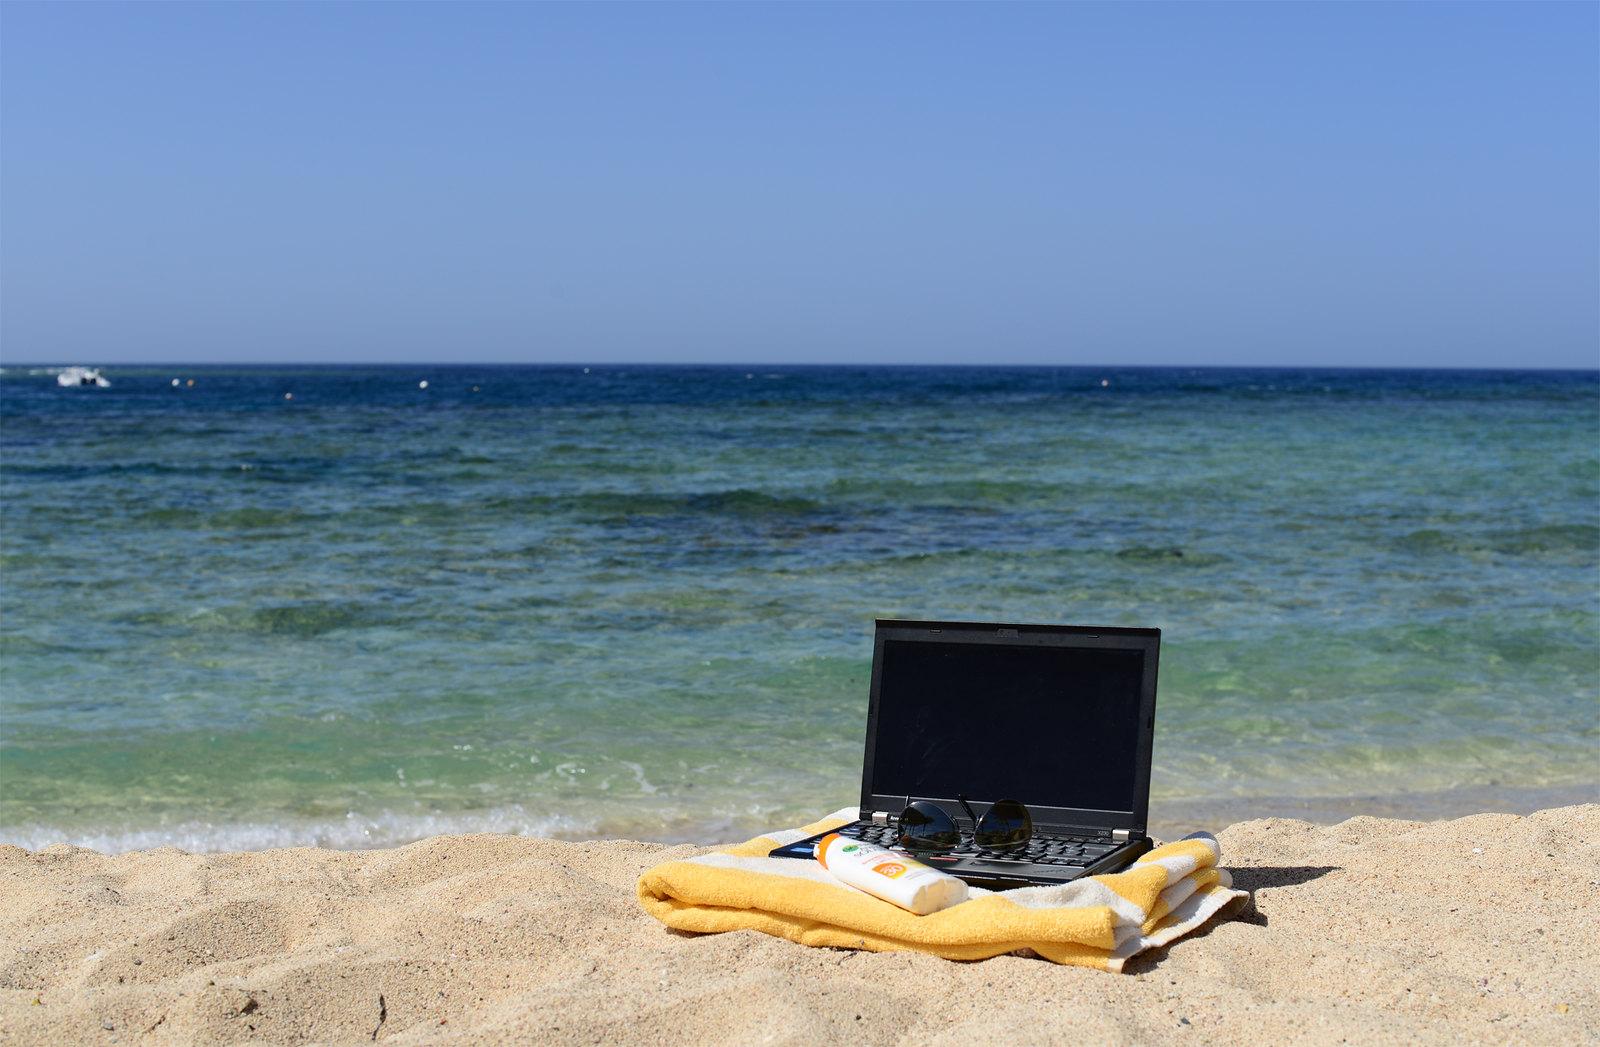 Lavorare in vacanza - foto di Laura Hoffman su flickr.com